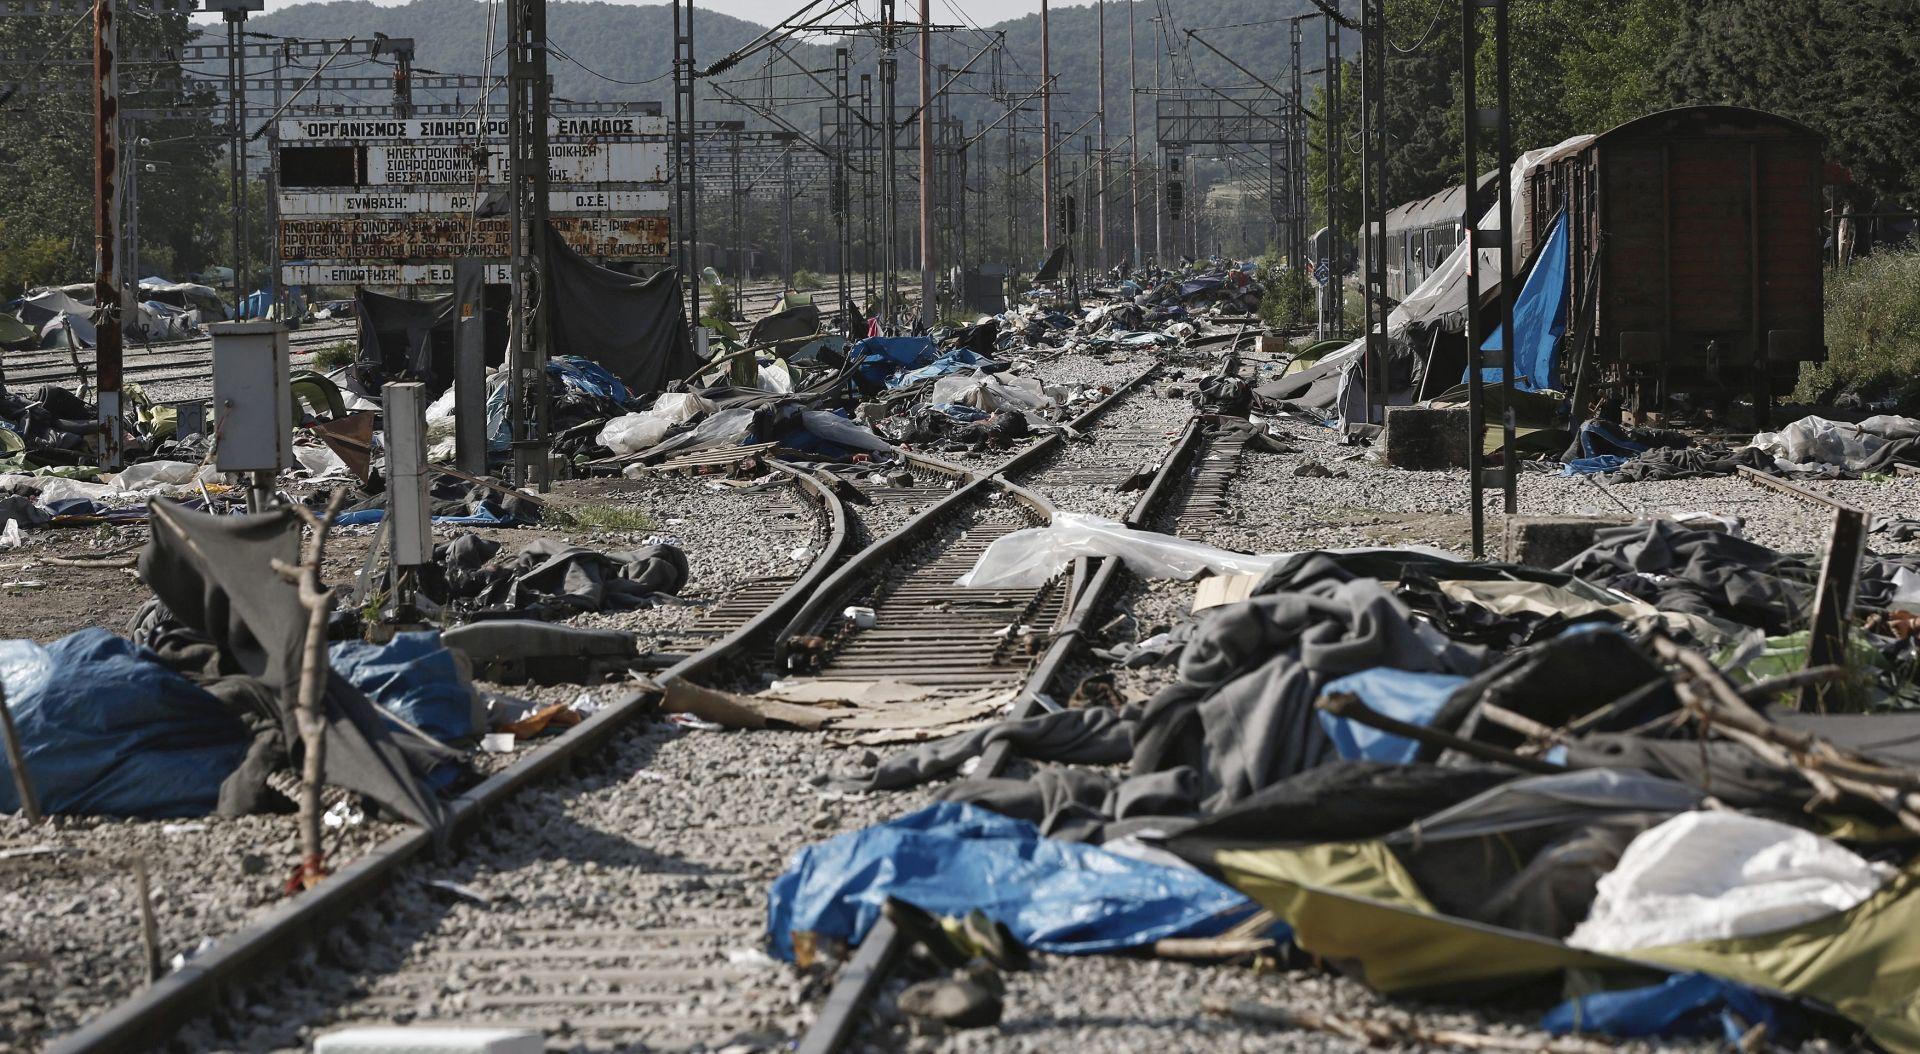 STANJE NA GRANICI: Završena evakuacija izbjegličkog kampa u Idomeniju